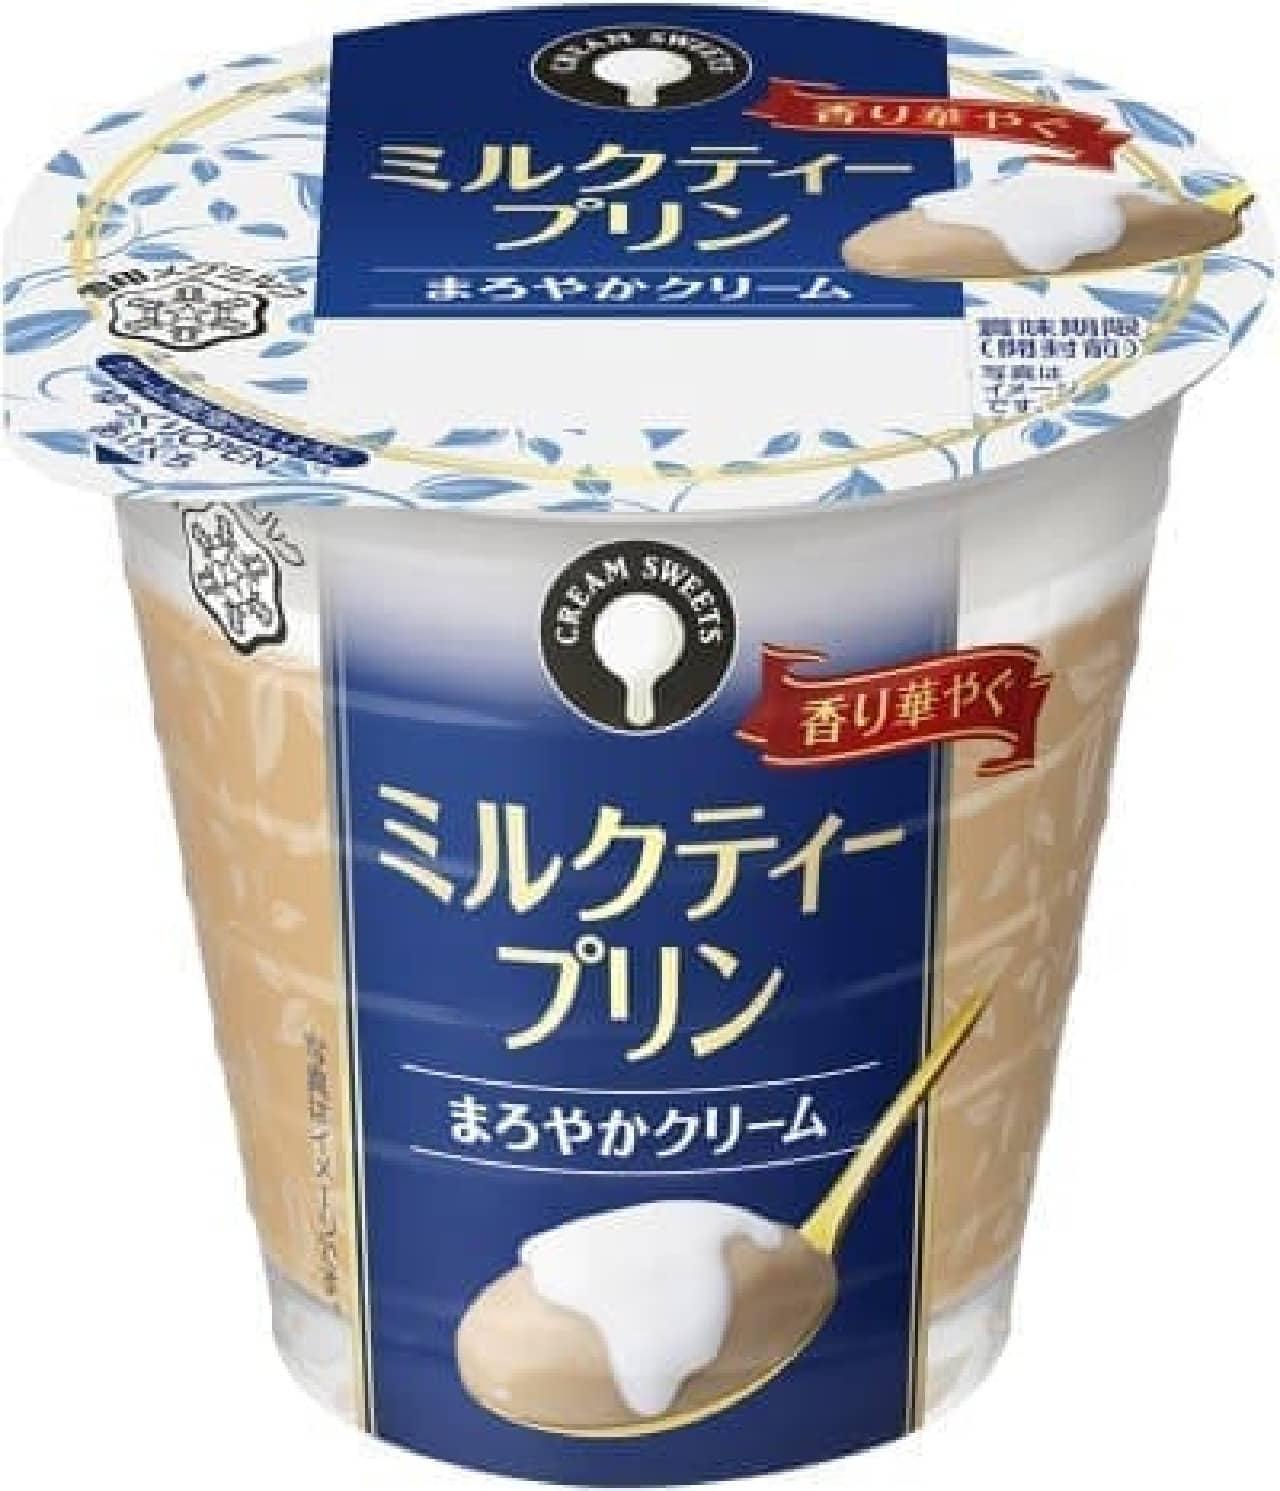 雪印メグミルク「CREAM SWEETS ミルクティープリン」